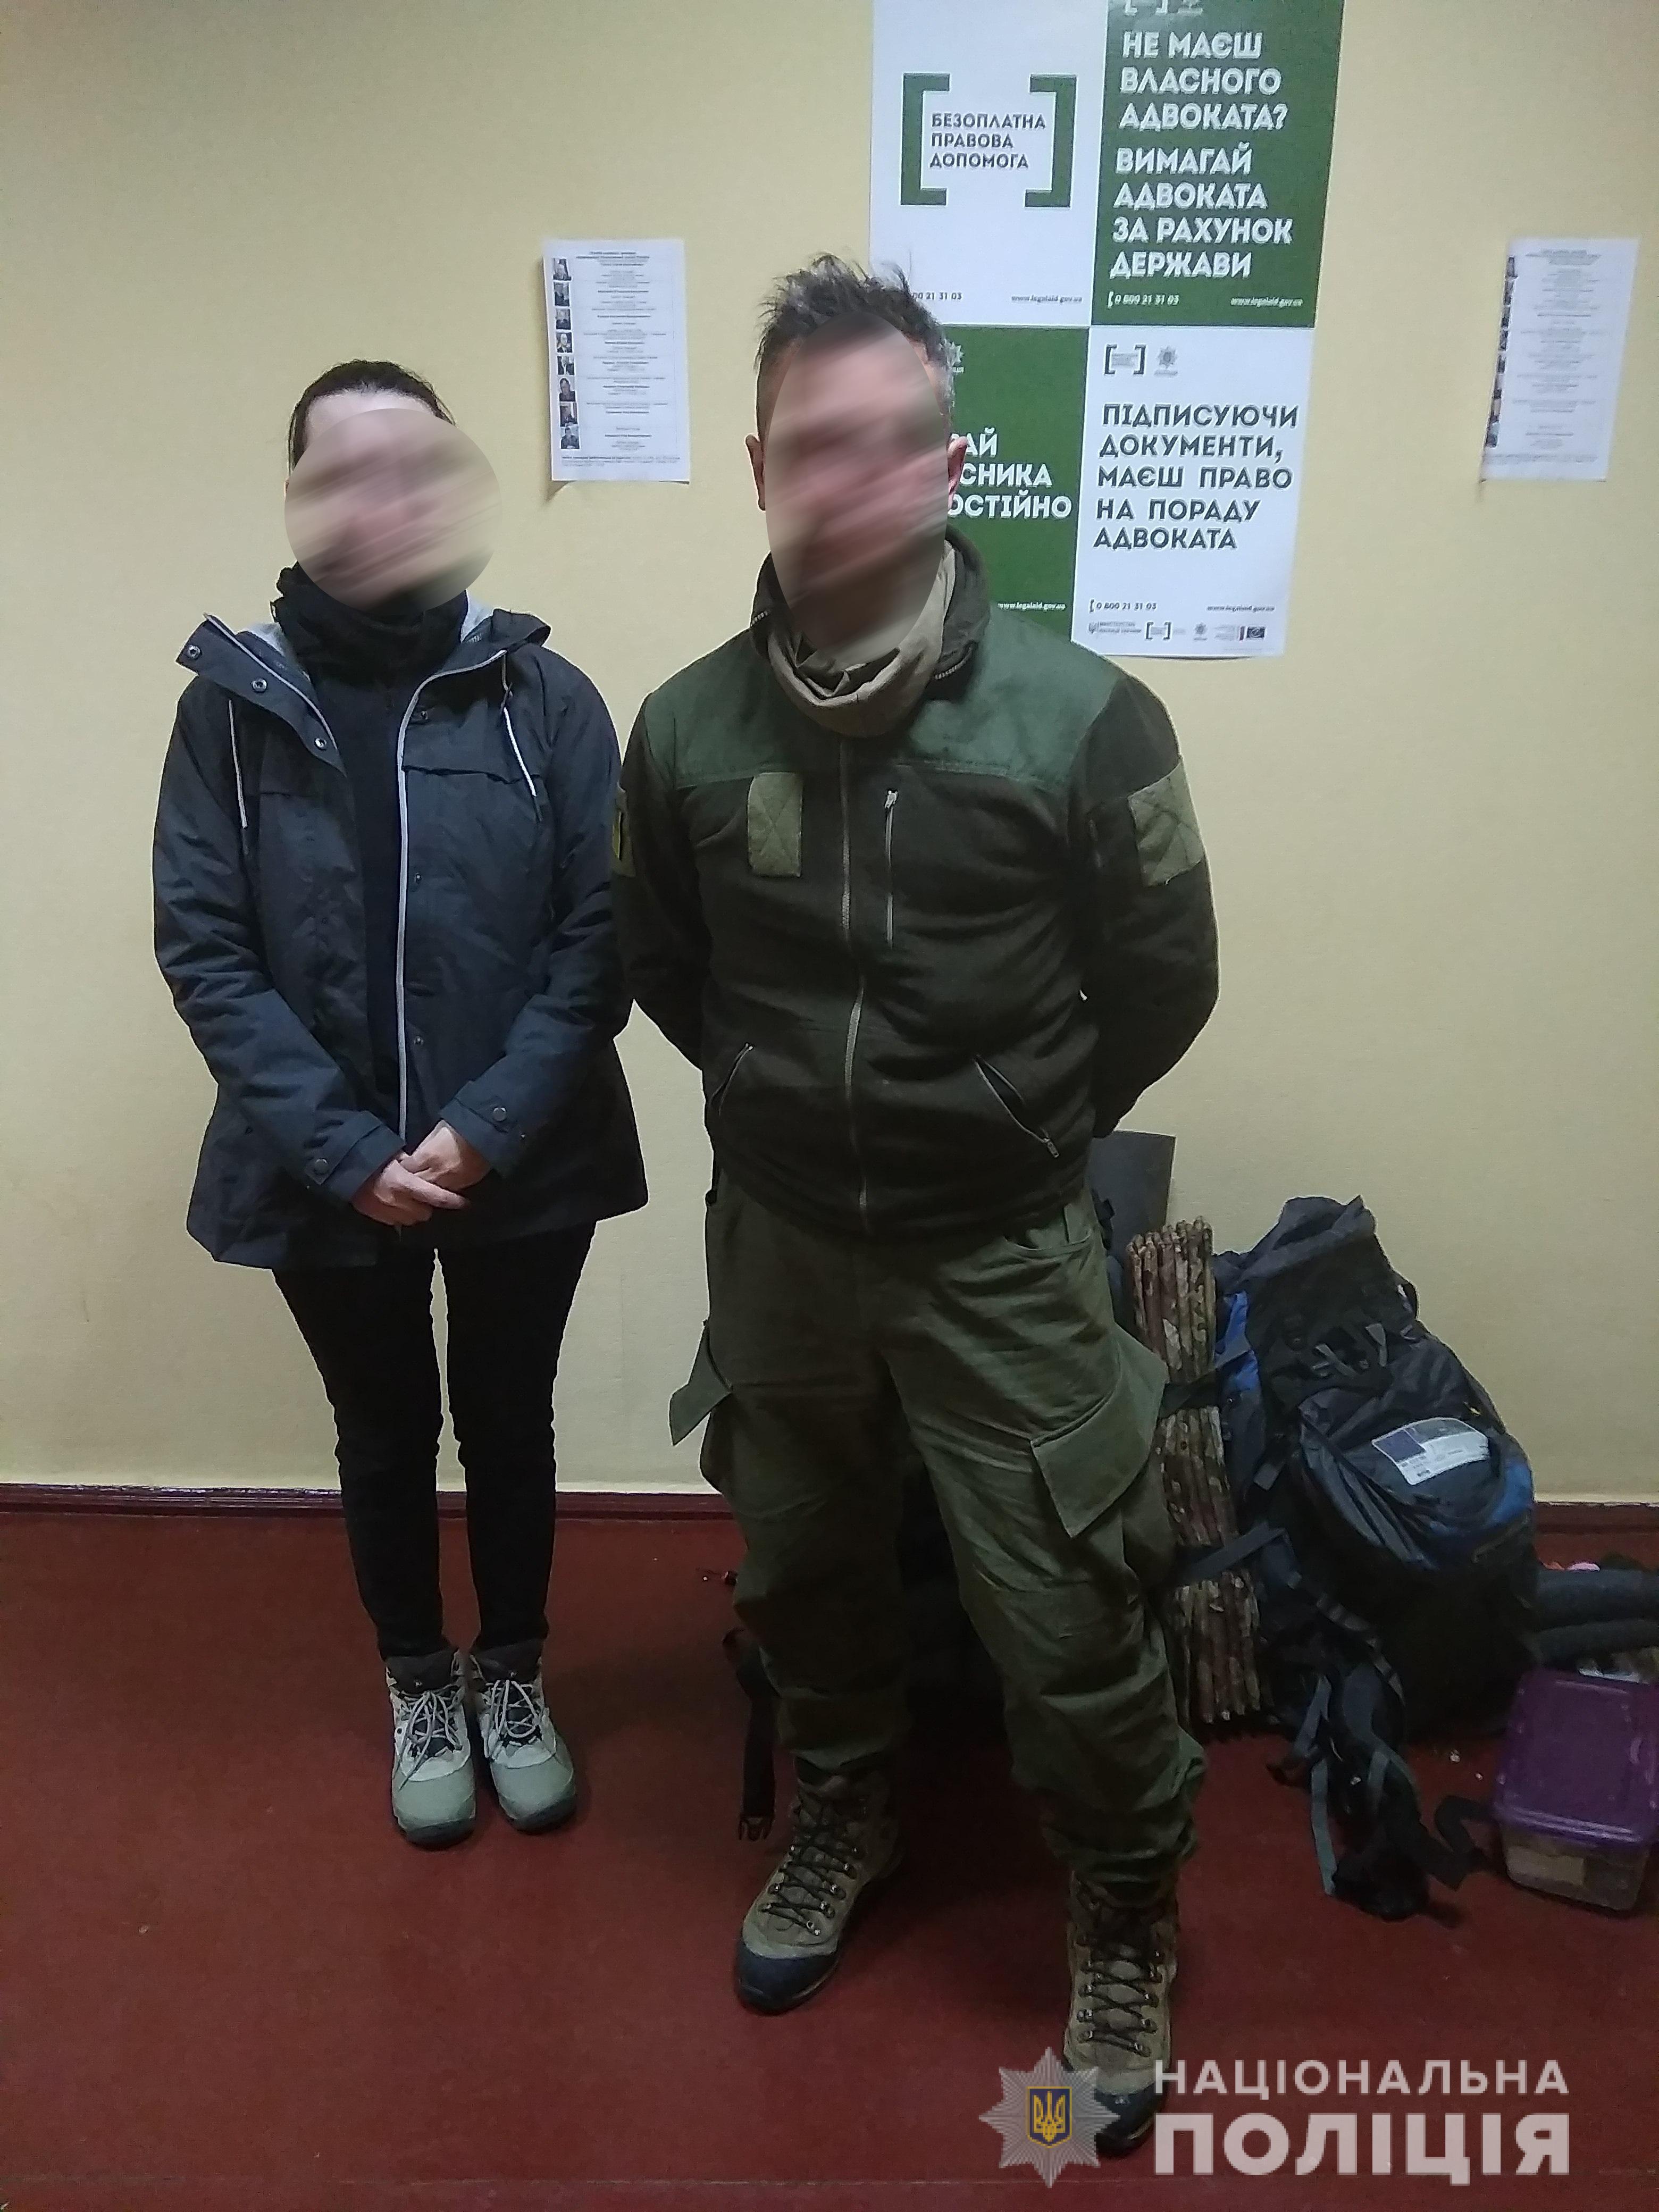 В Чернобыльской зоне отчуждения задержали группу туристов-сталкеров